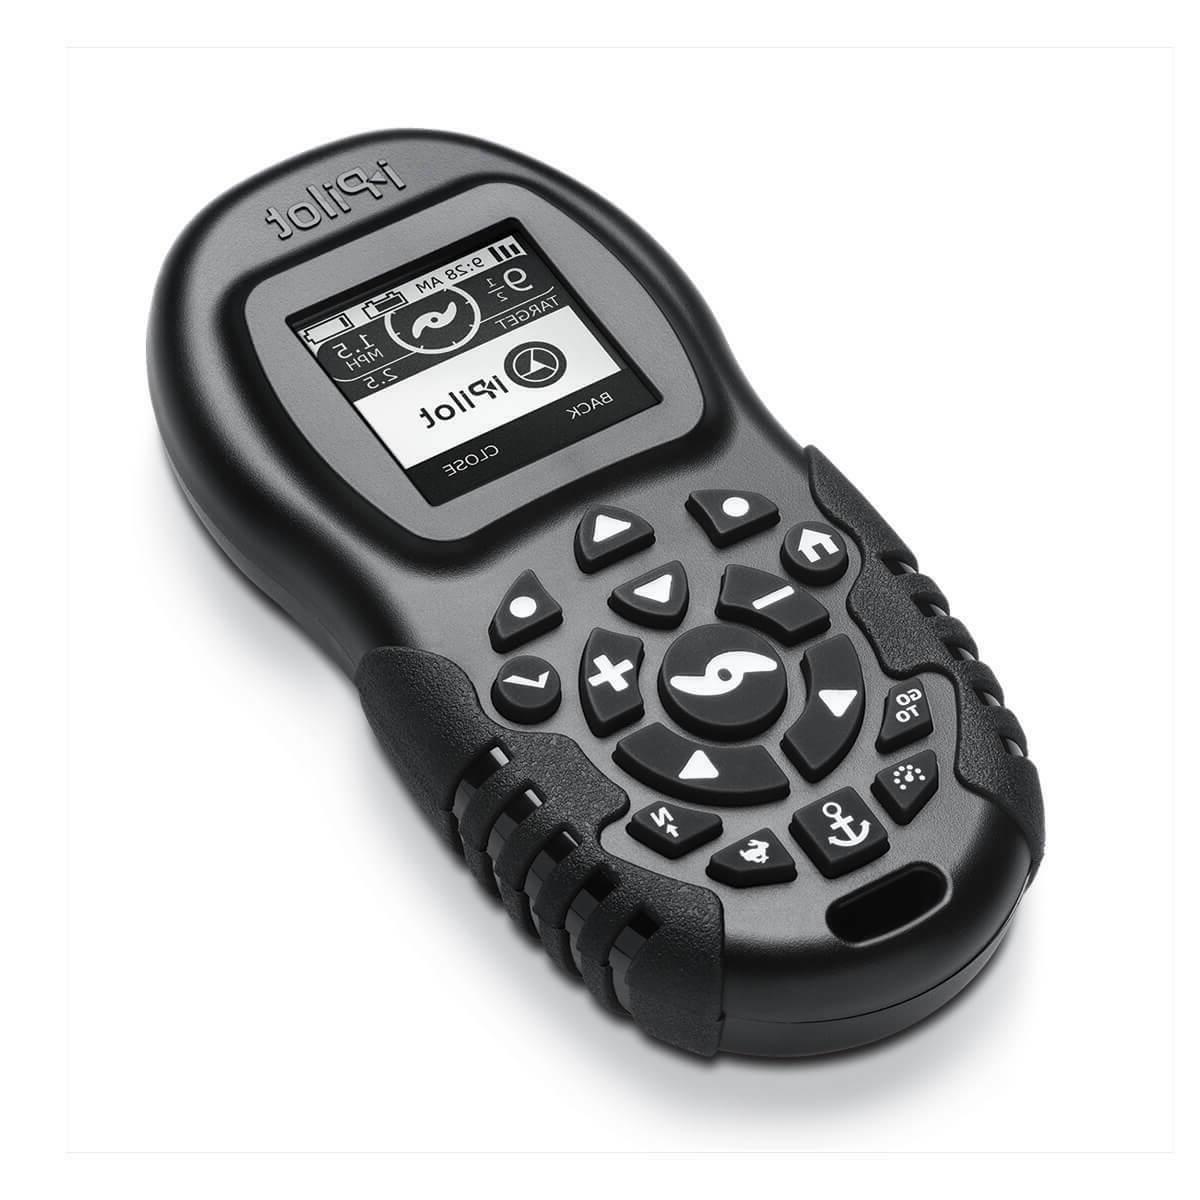 Minn Ultrex 80 Trolling System, Pedal - 1368800